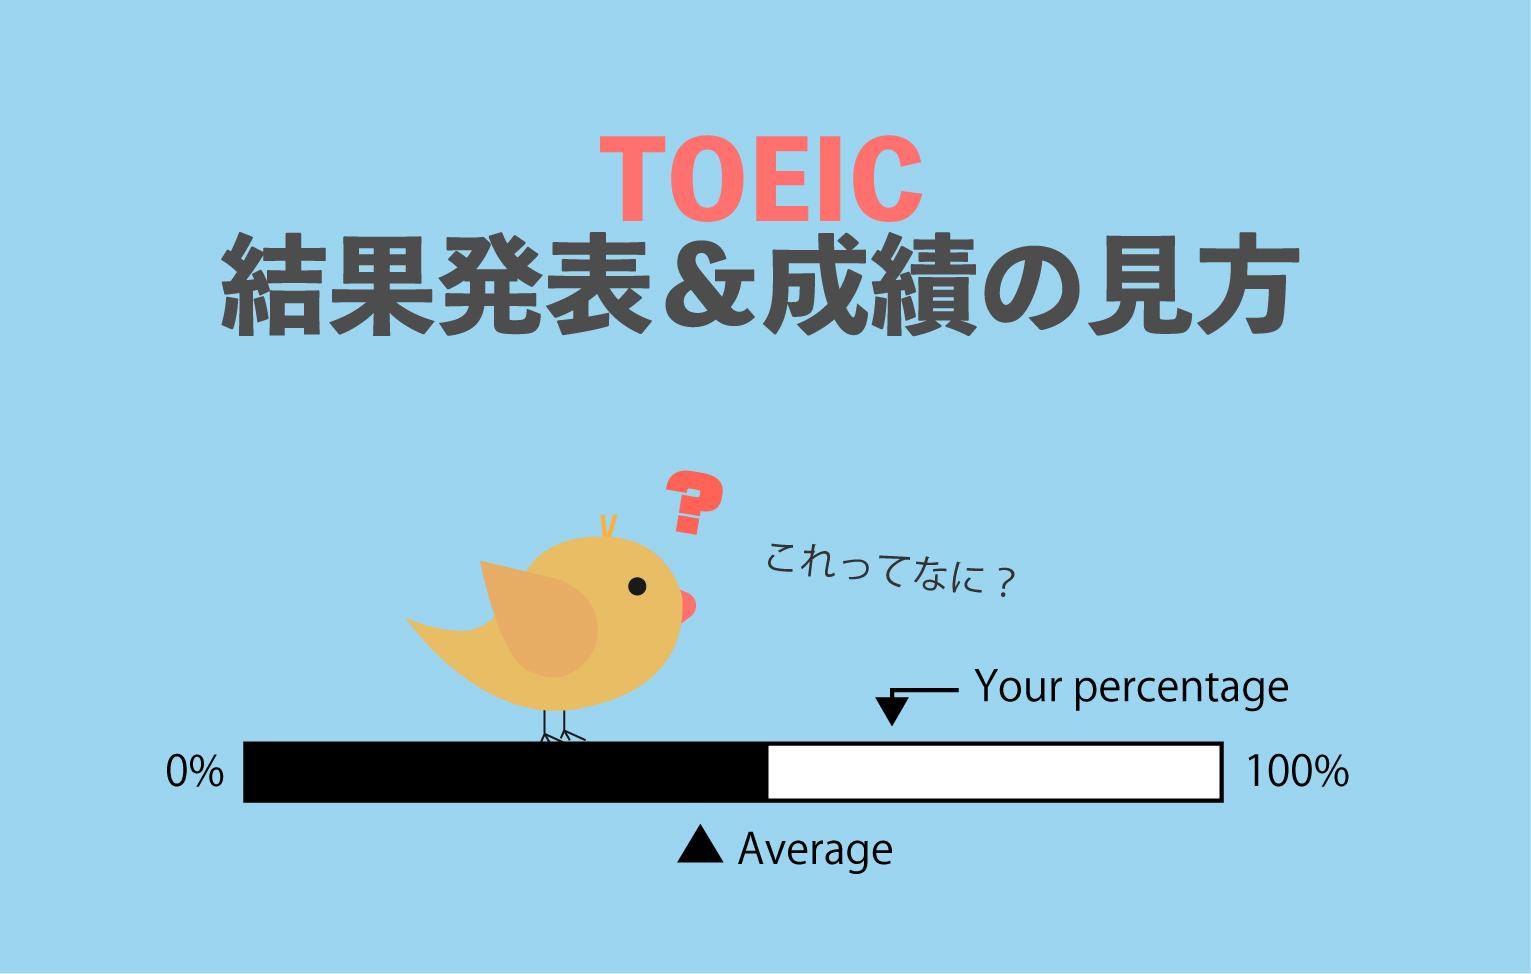 【2020年】TOEIC公開テストの結果発表の日程・ネット結果の時間は?